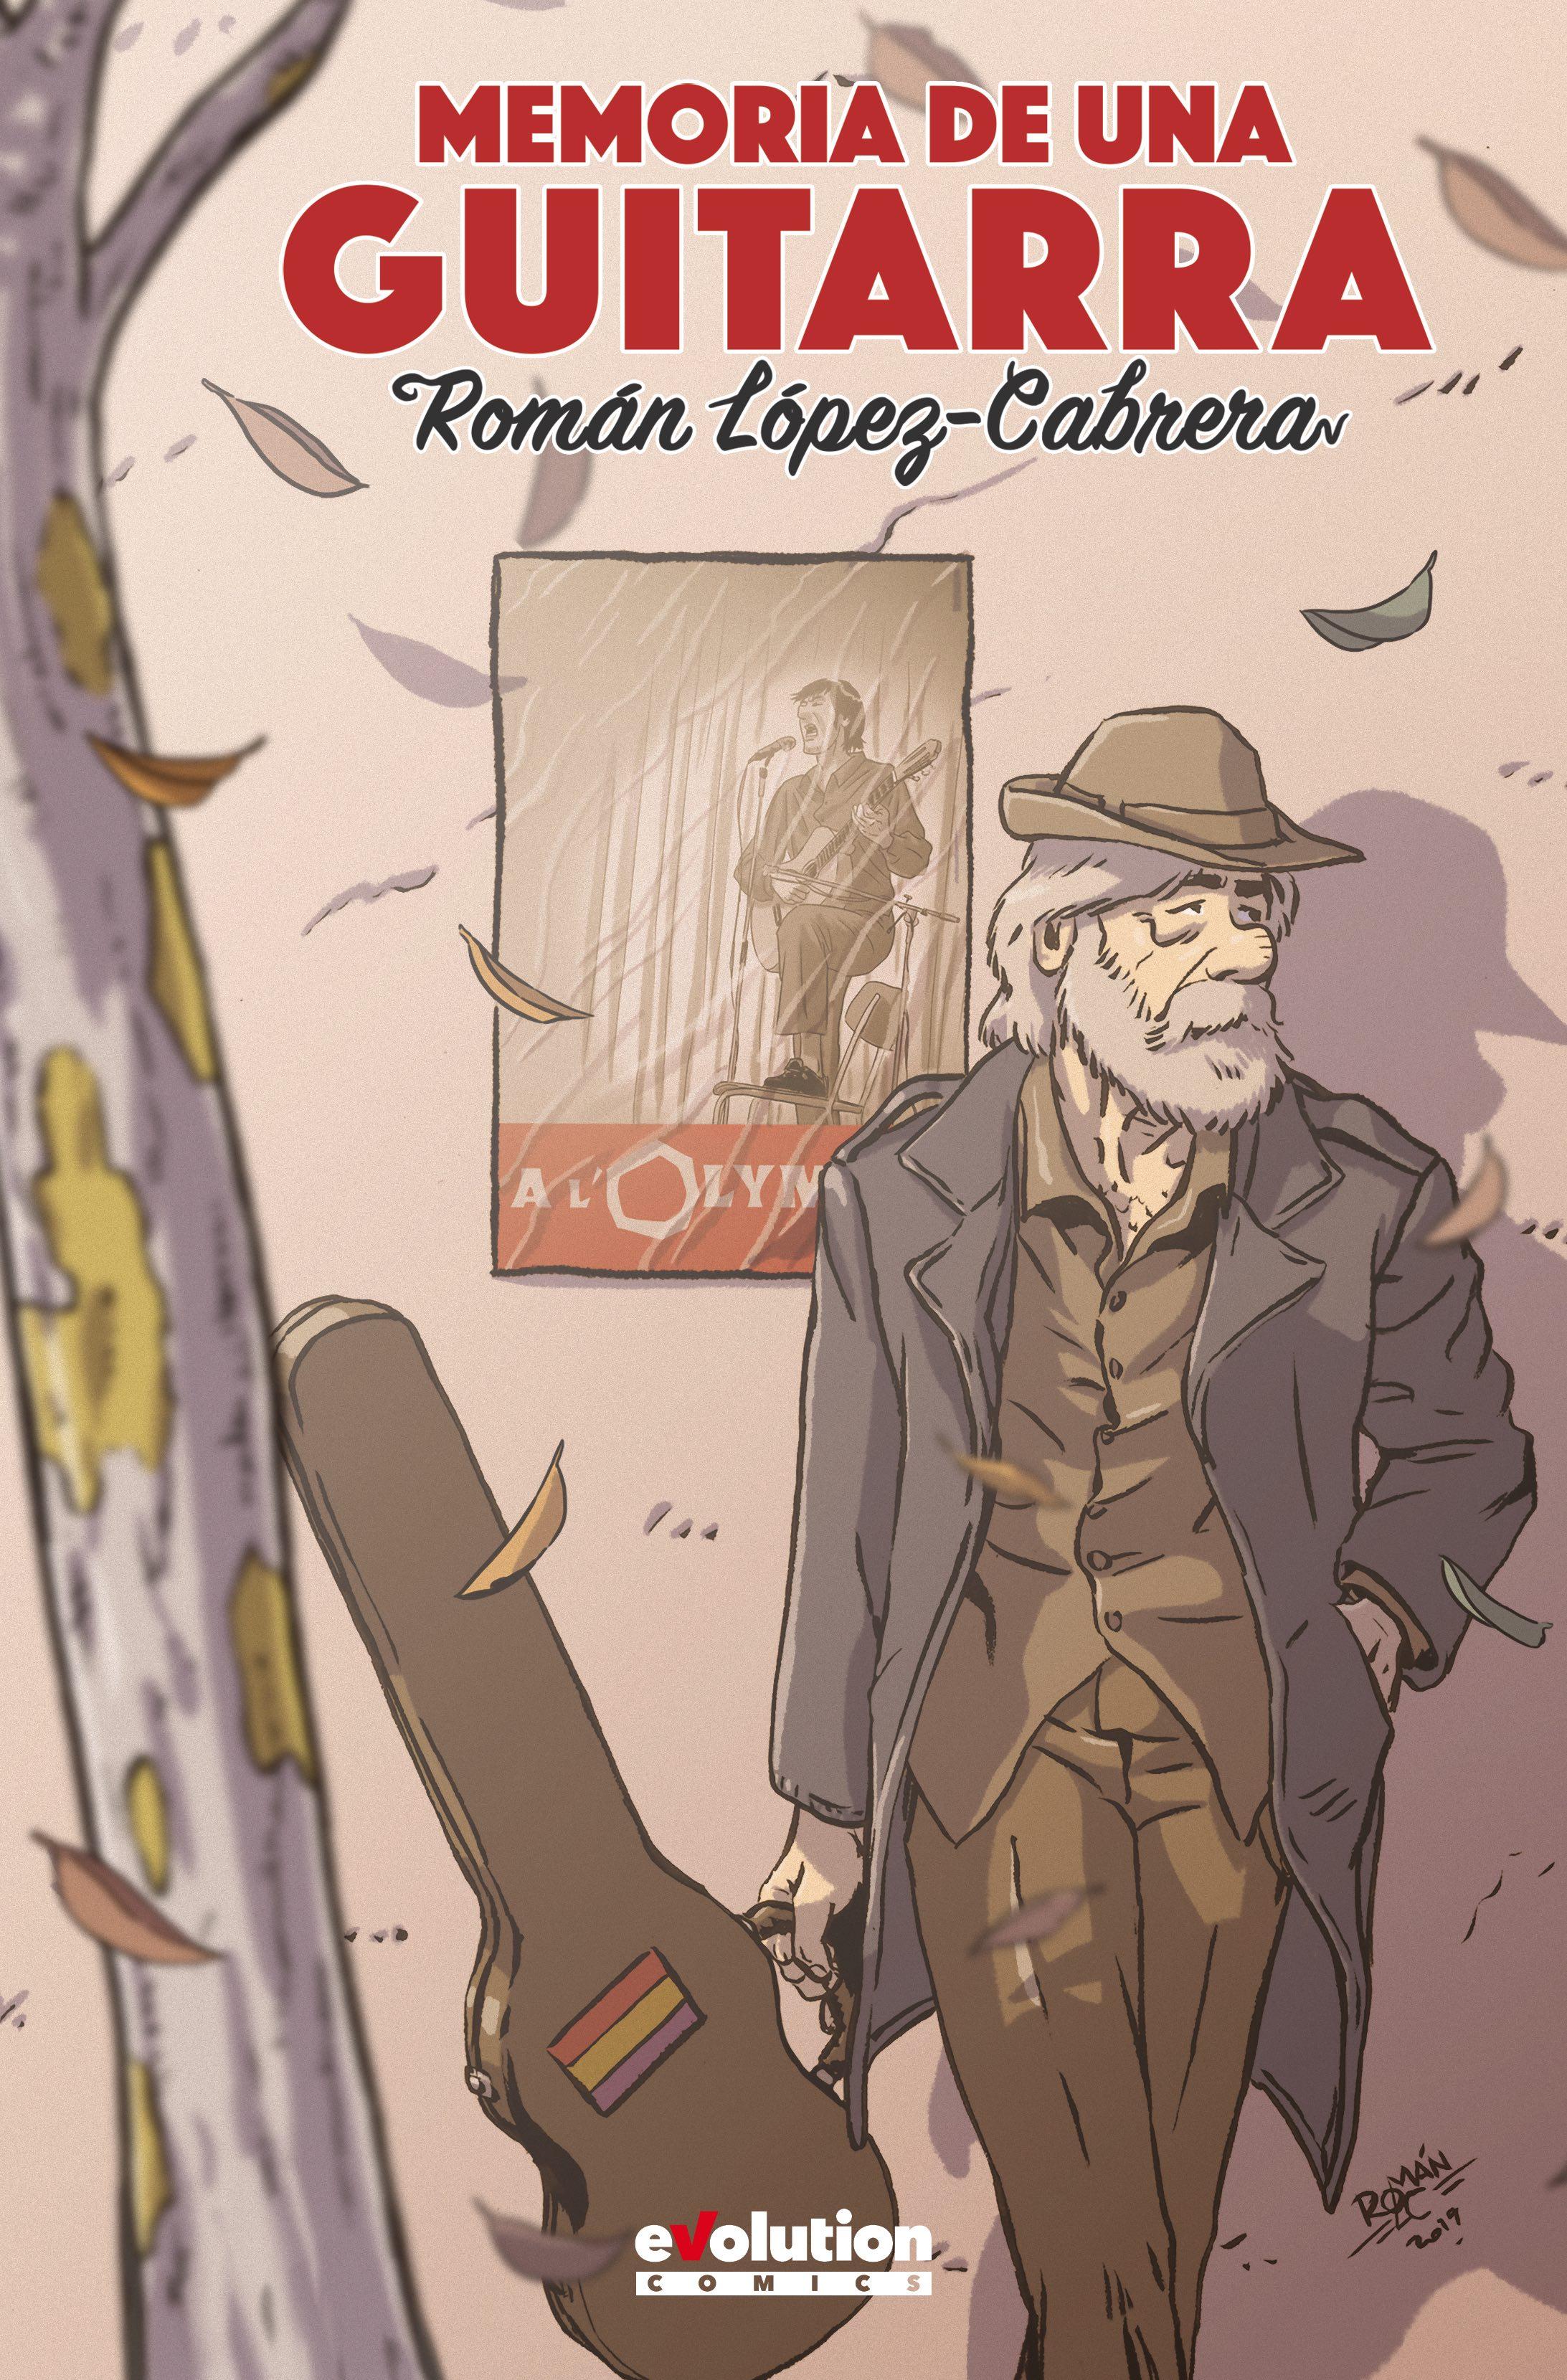 Memoria de una guitarra (portada) copia.